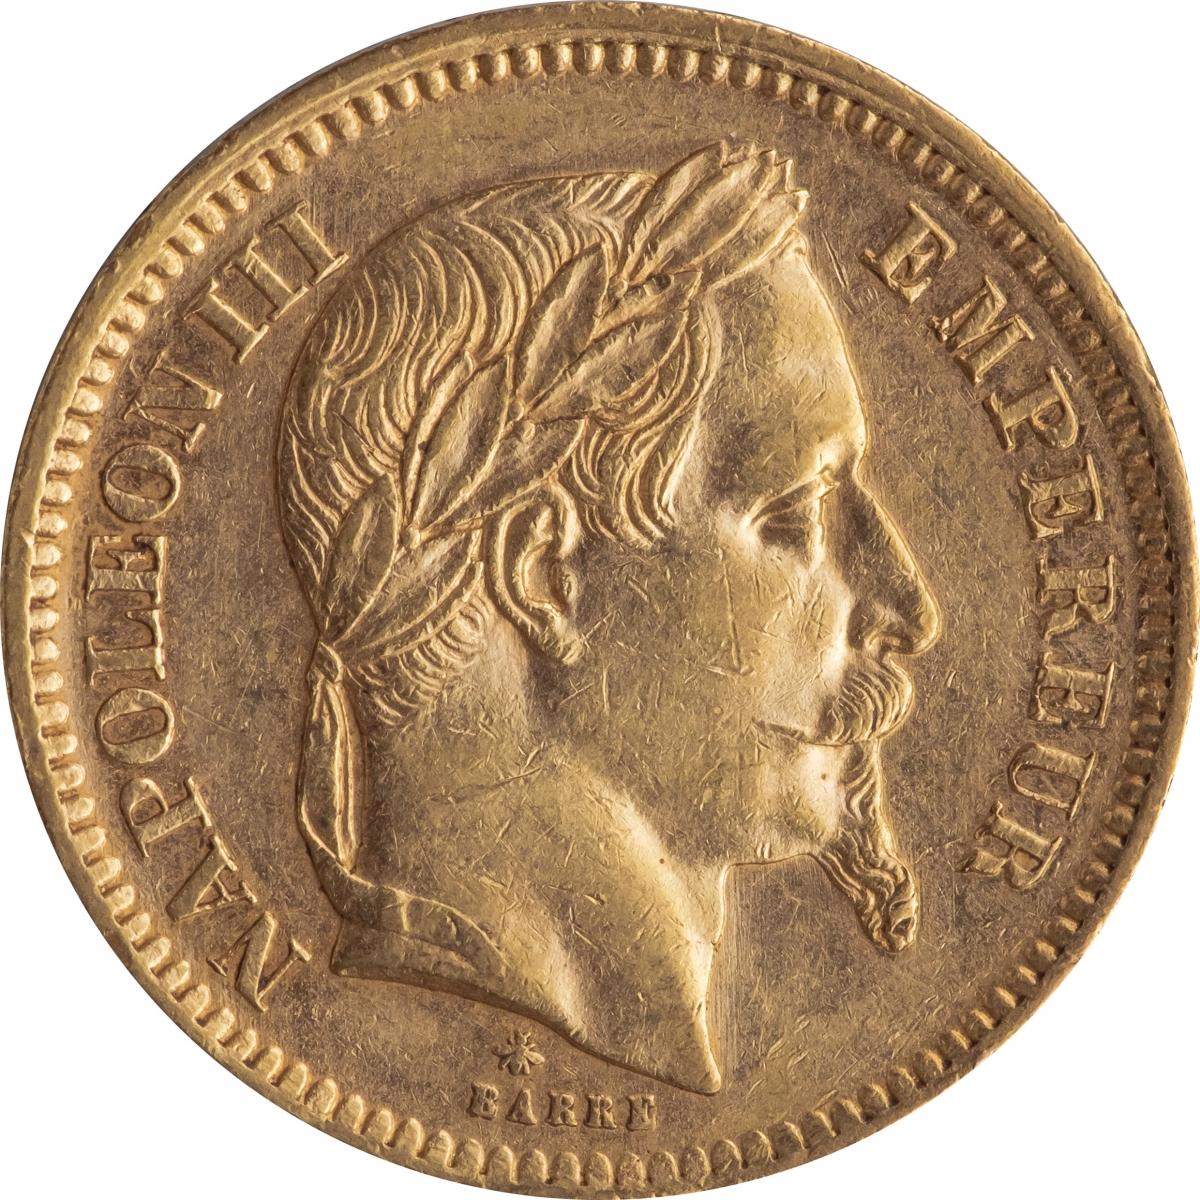 フランス ナポレオン3世(有冠) 20フラン金貨 1865年A KM801.1